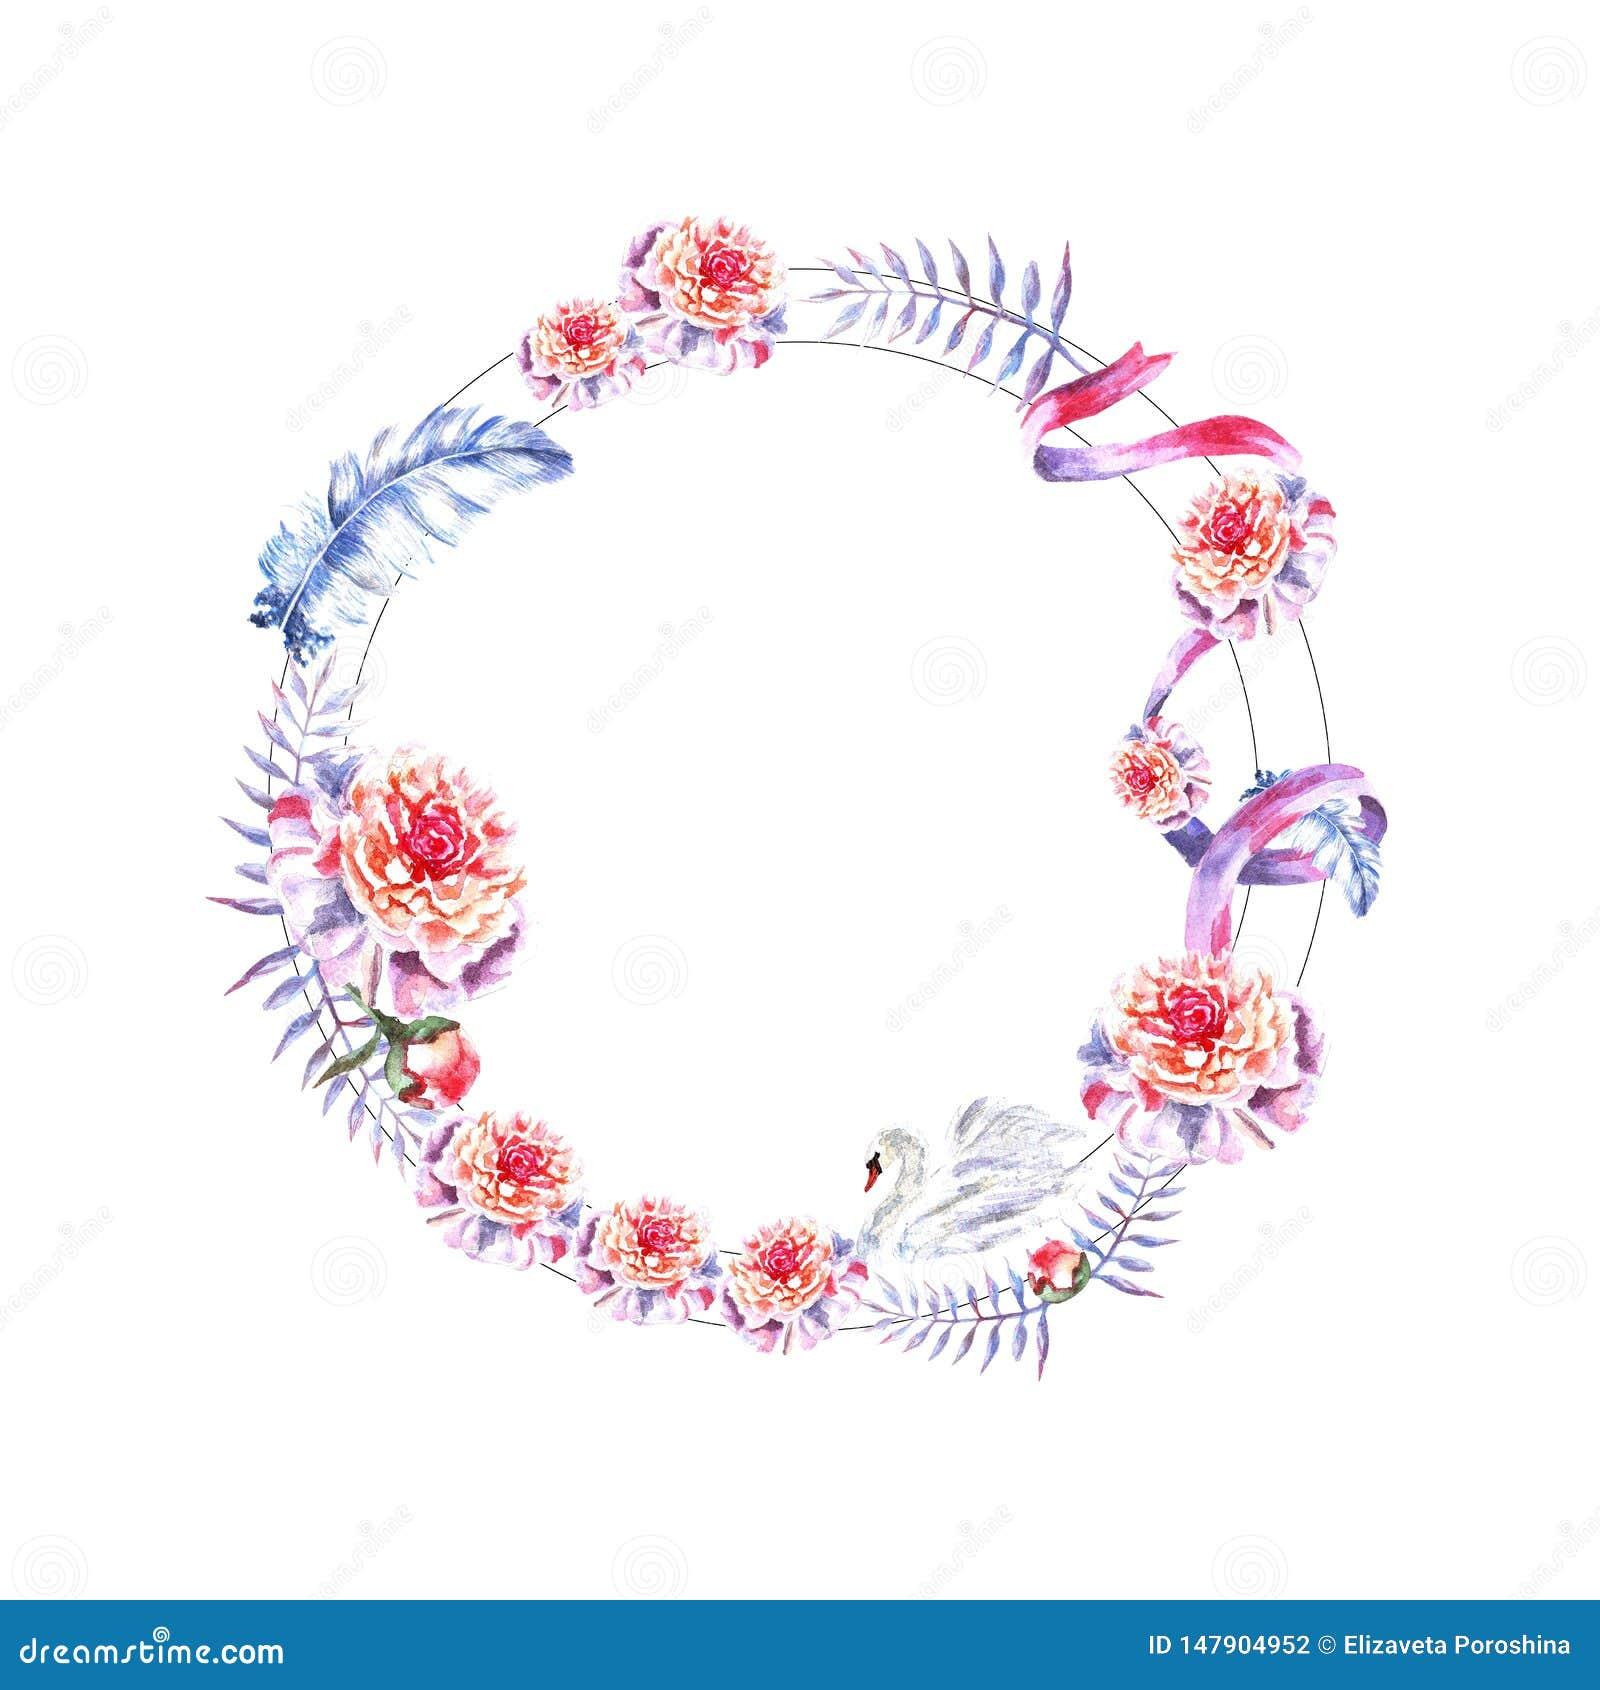 De waterverfhand schilderde cirkelkader van zwaan, veren, pioenen, takjes, lint